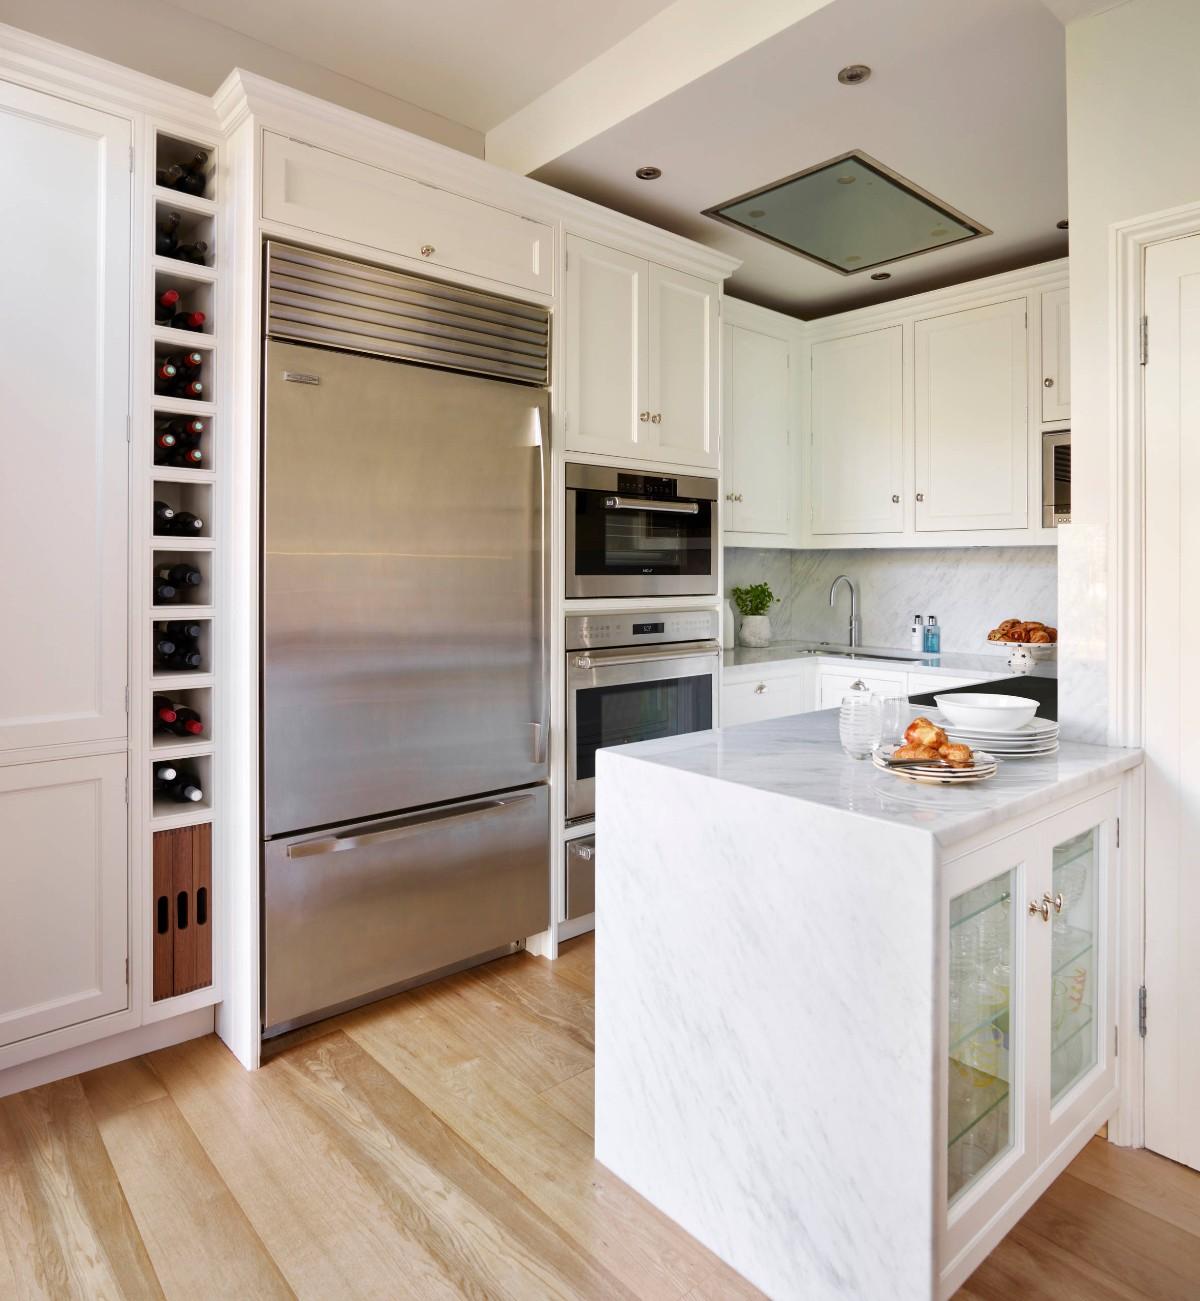 функциональный дизайн малогабаритной кухни